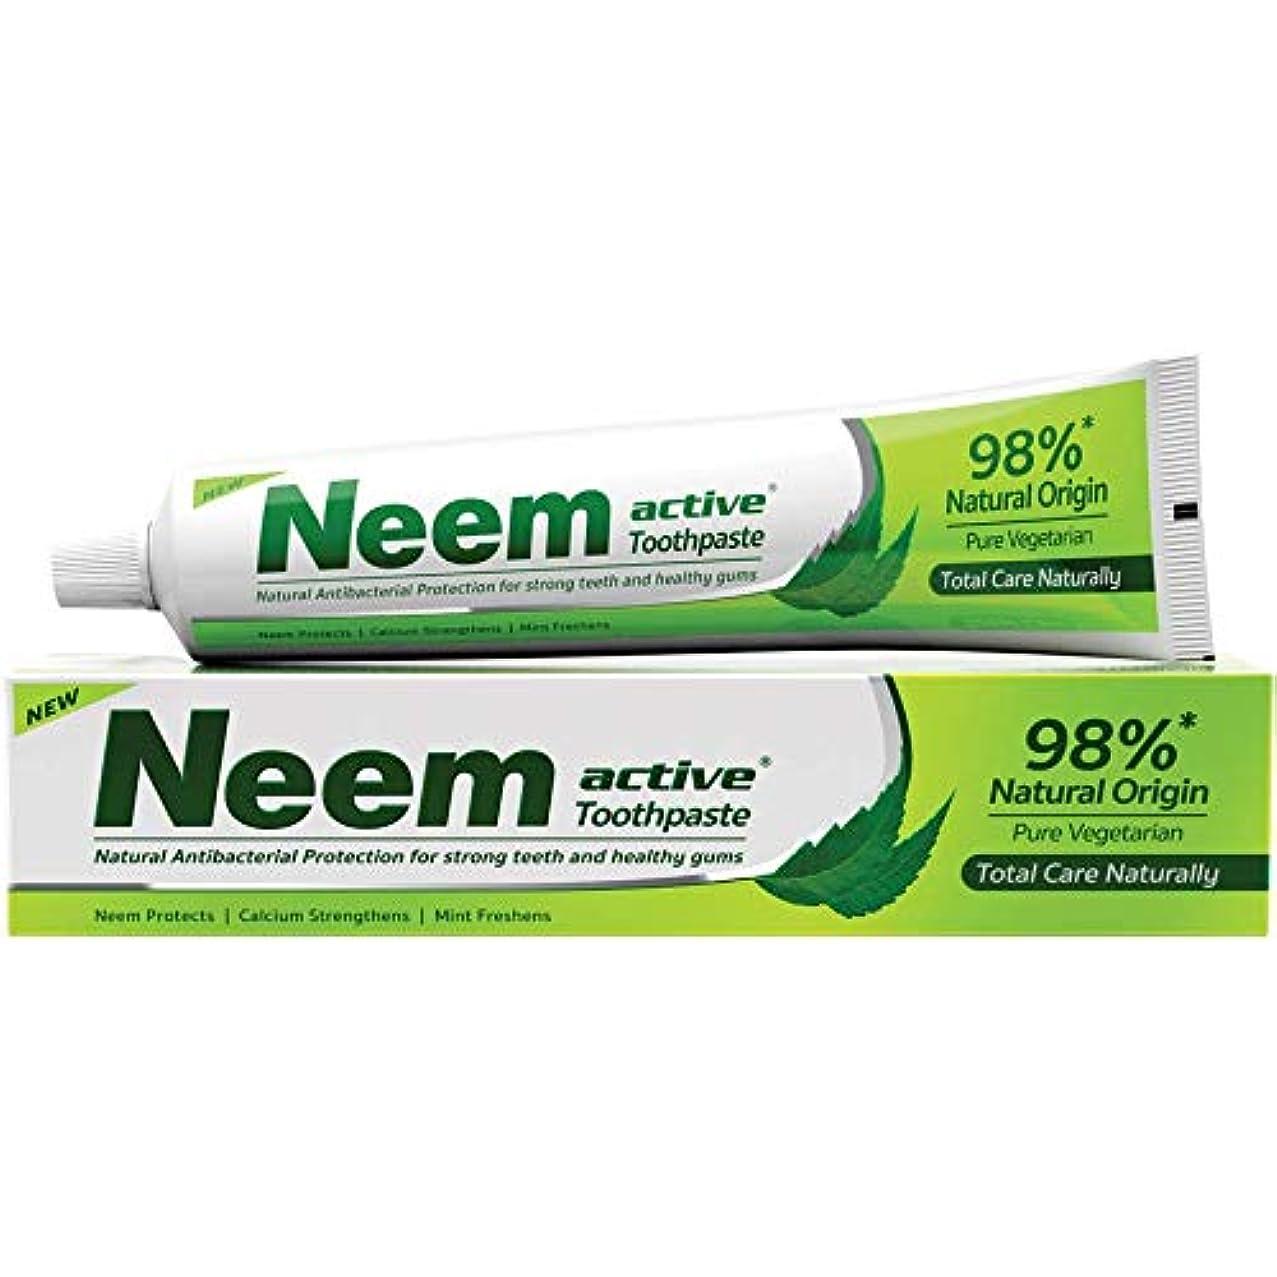 原始的な勝利したダニNeem Active Toothpaste (Natural Protection for Strong Teeth & Healthy Gums) by Henkel